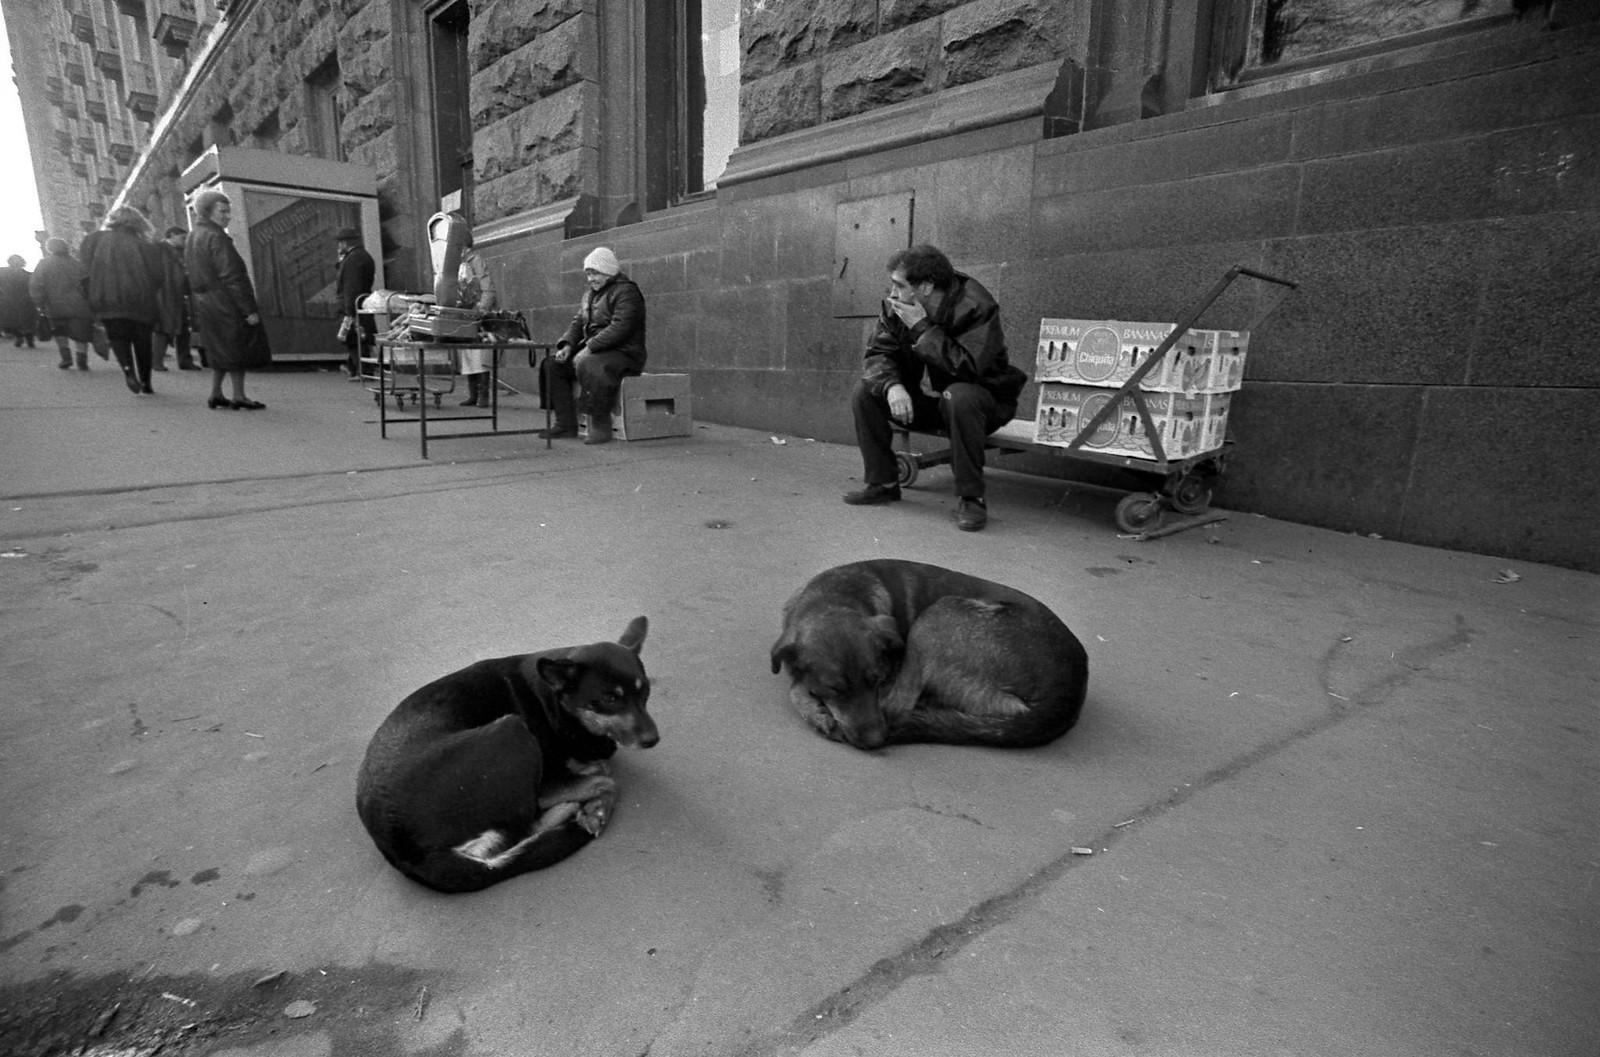 1985. Ломоносовский проспект